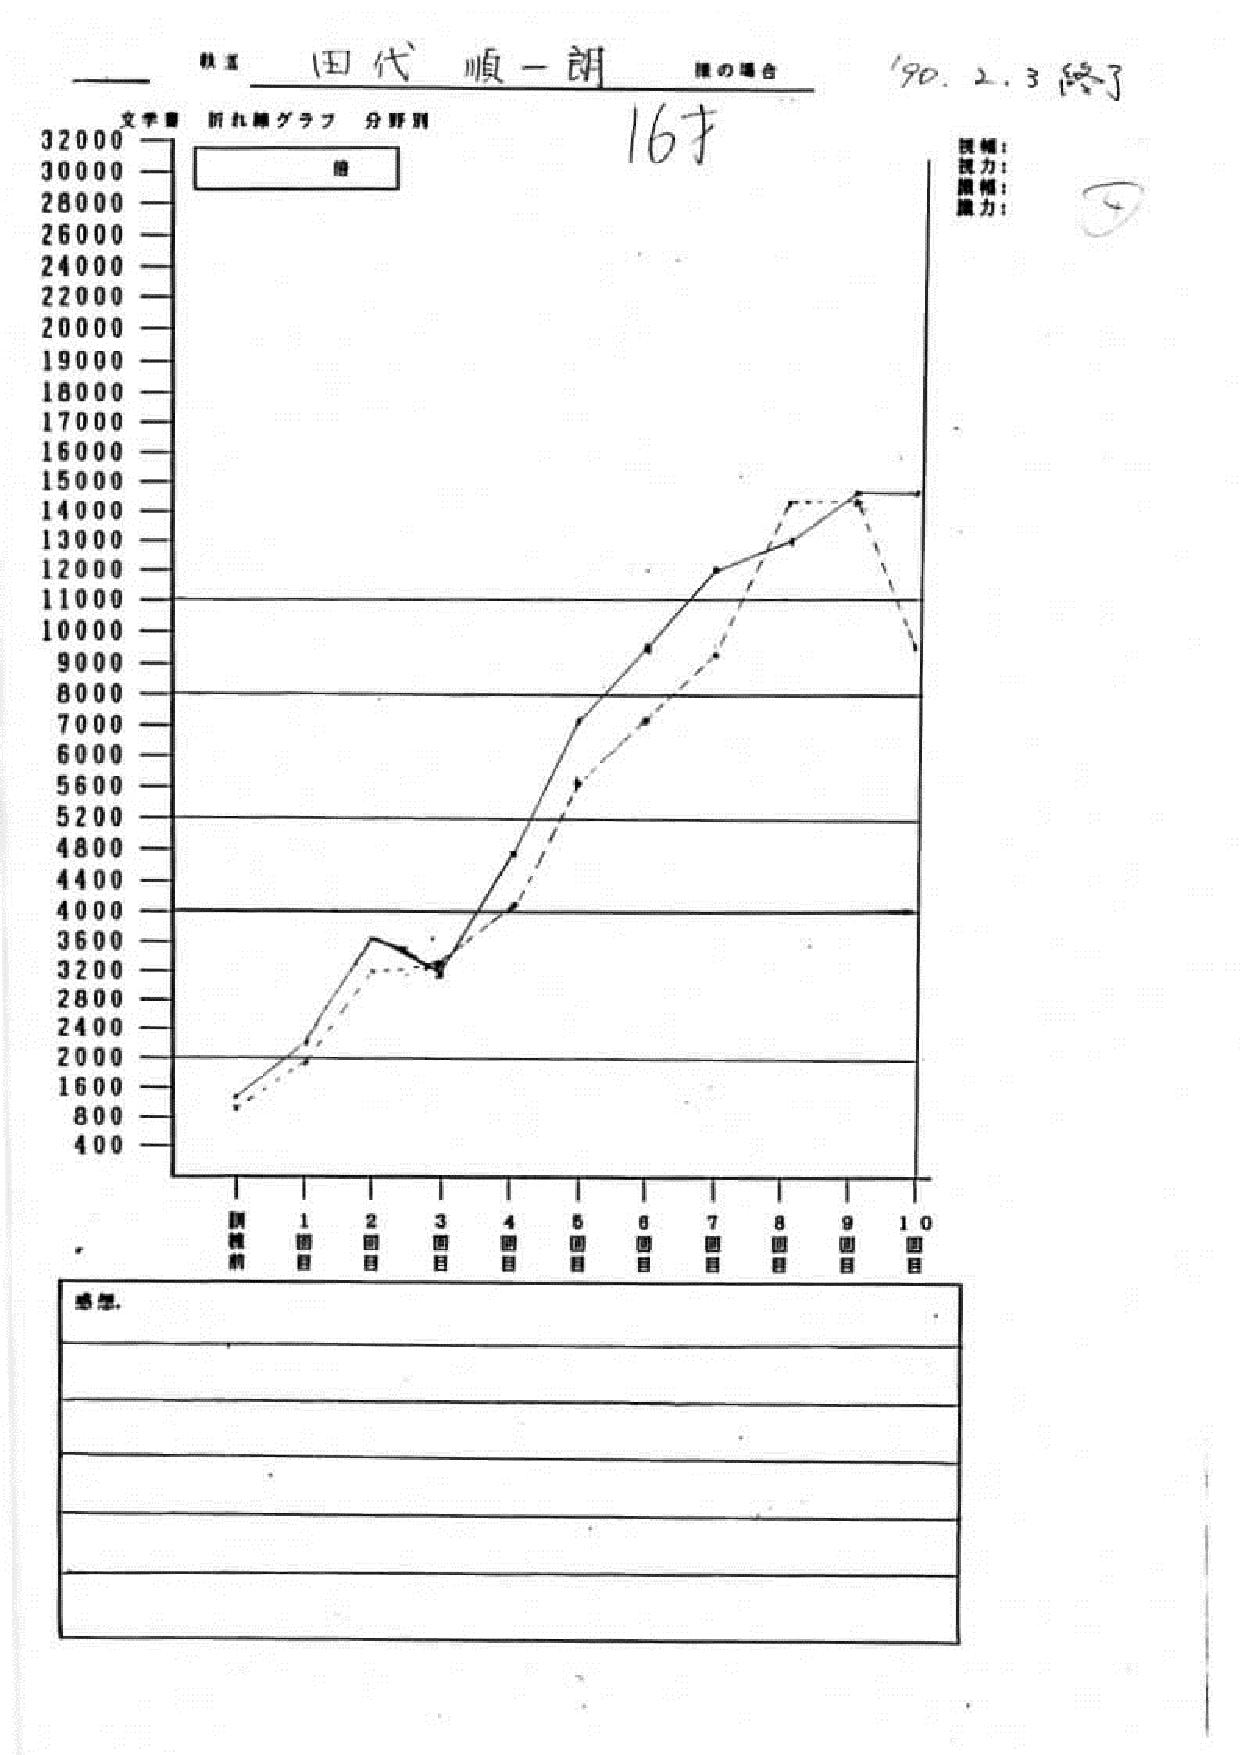 田代様グラフ